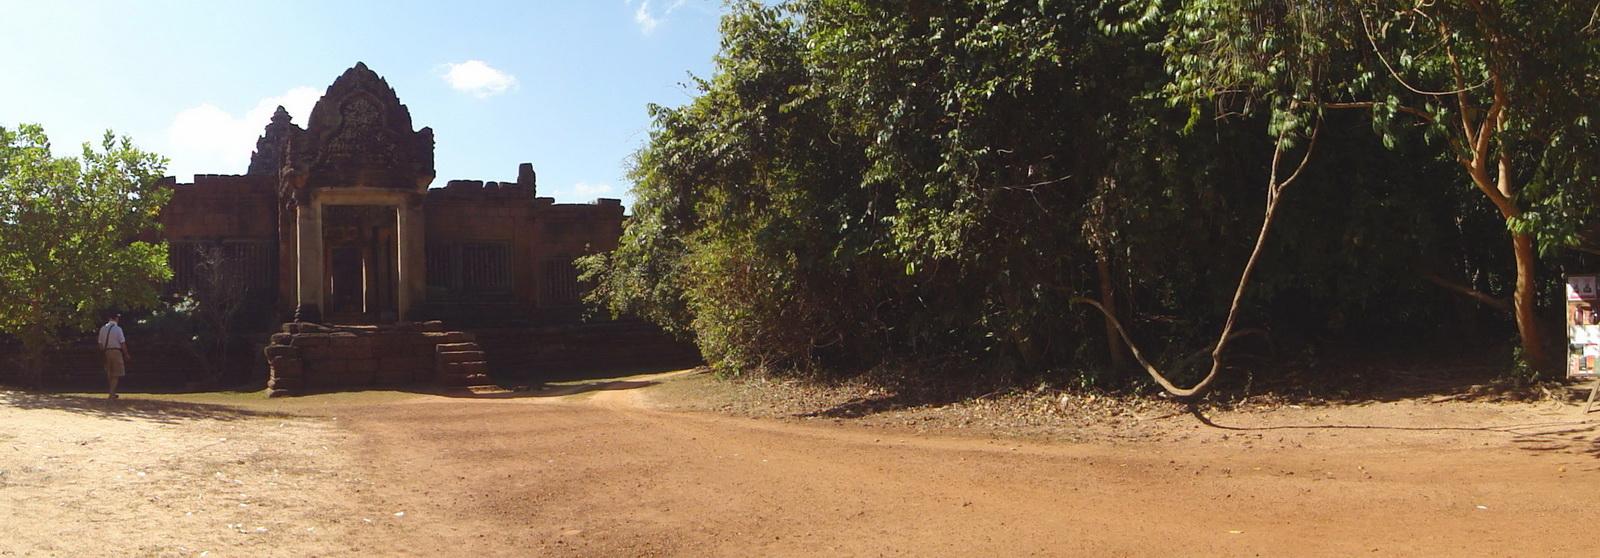 Banteay Samre Temple main gates East Baray 02